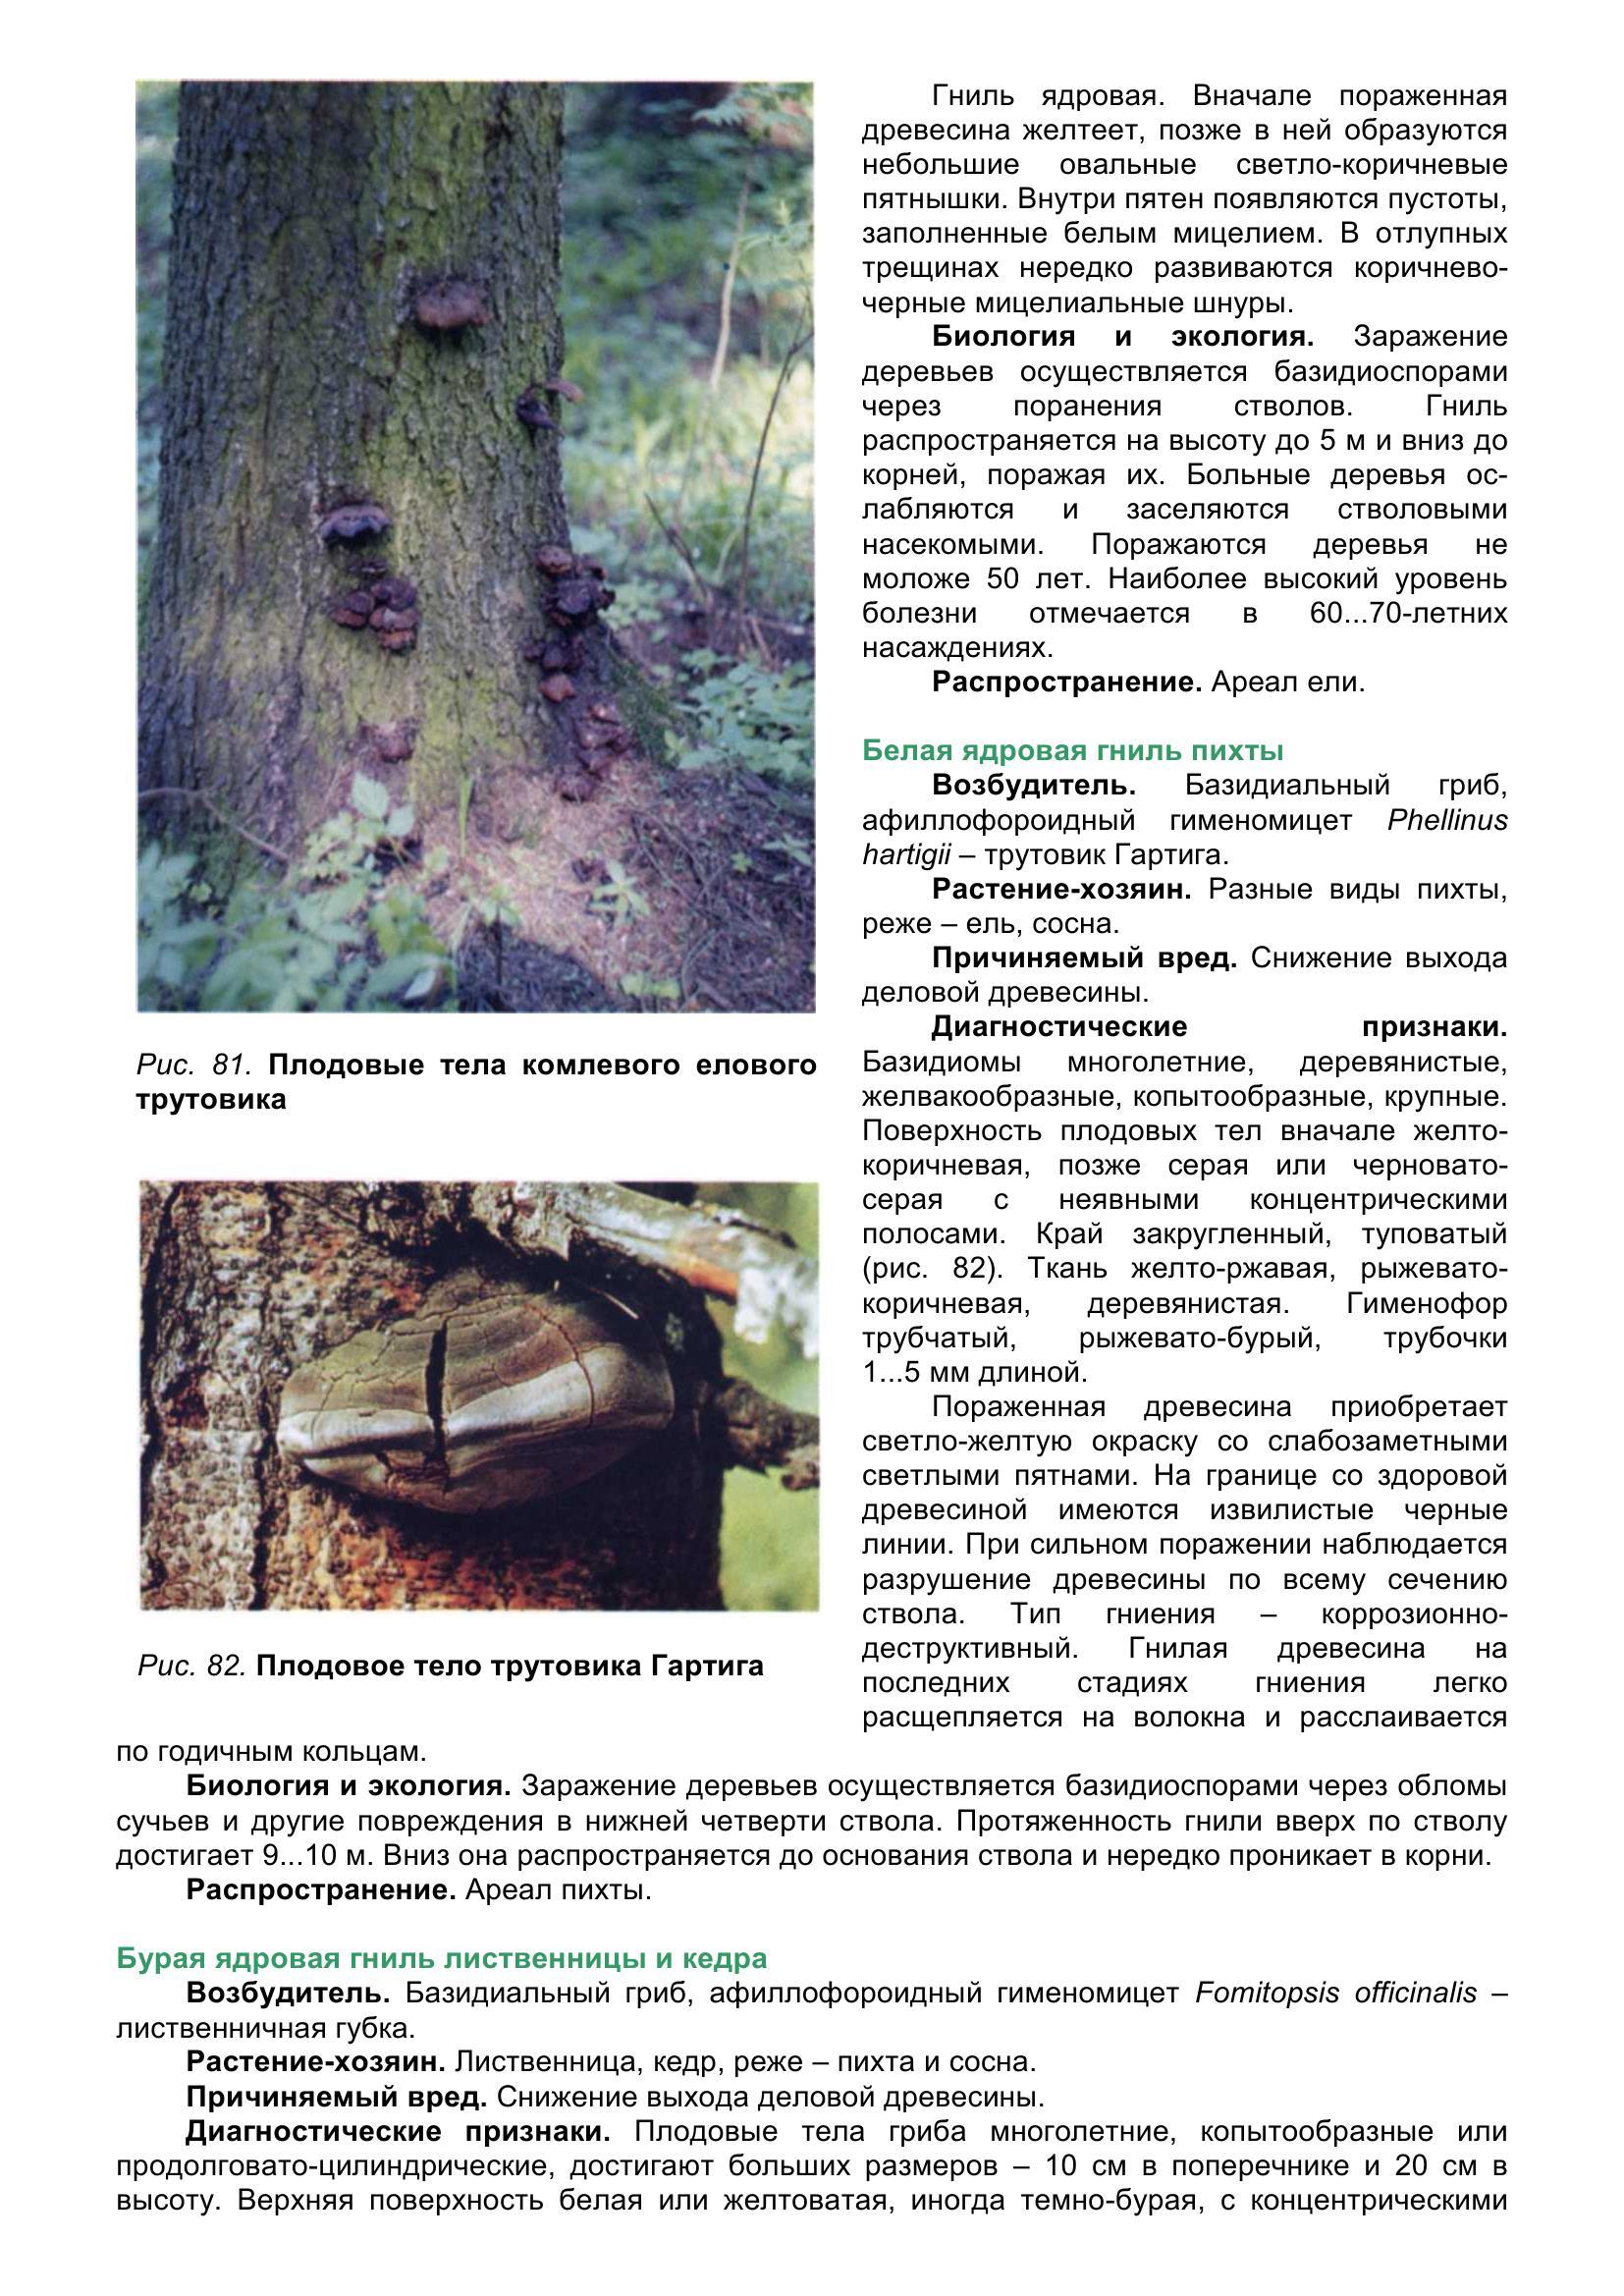 Болезни_древесных_растений_094.jpg